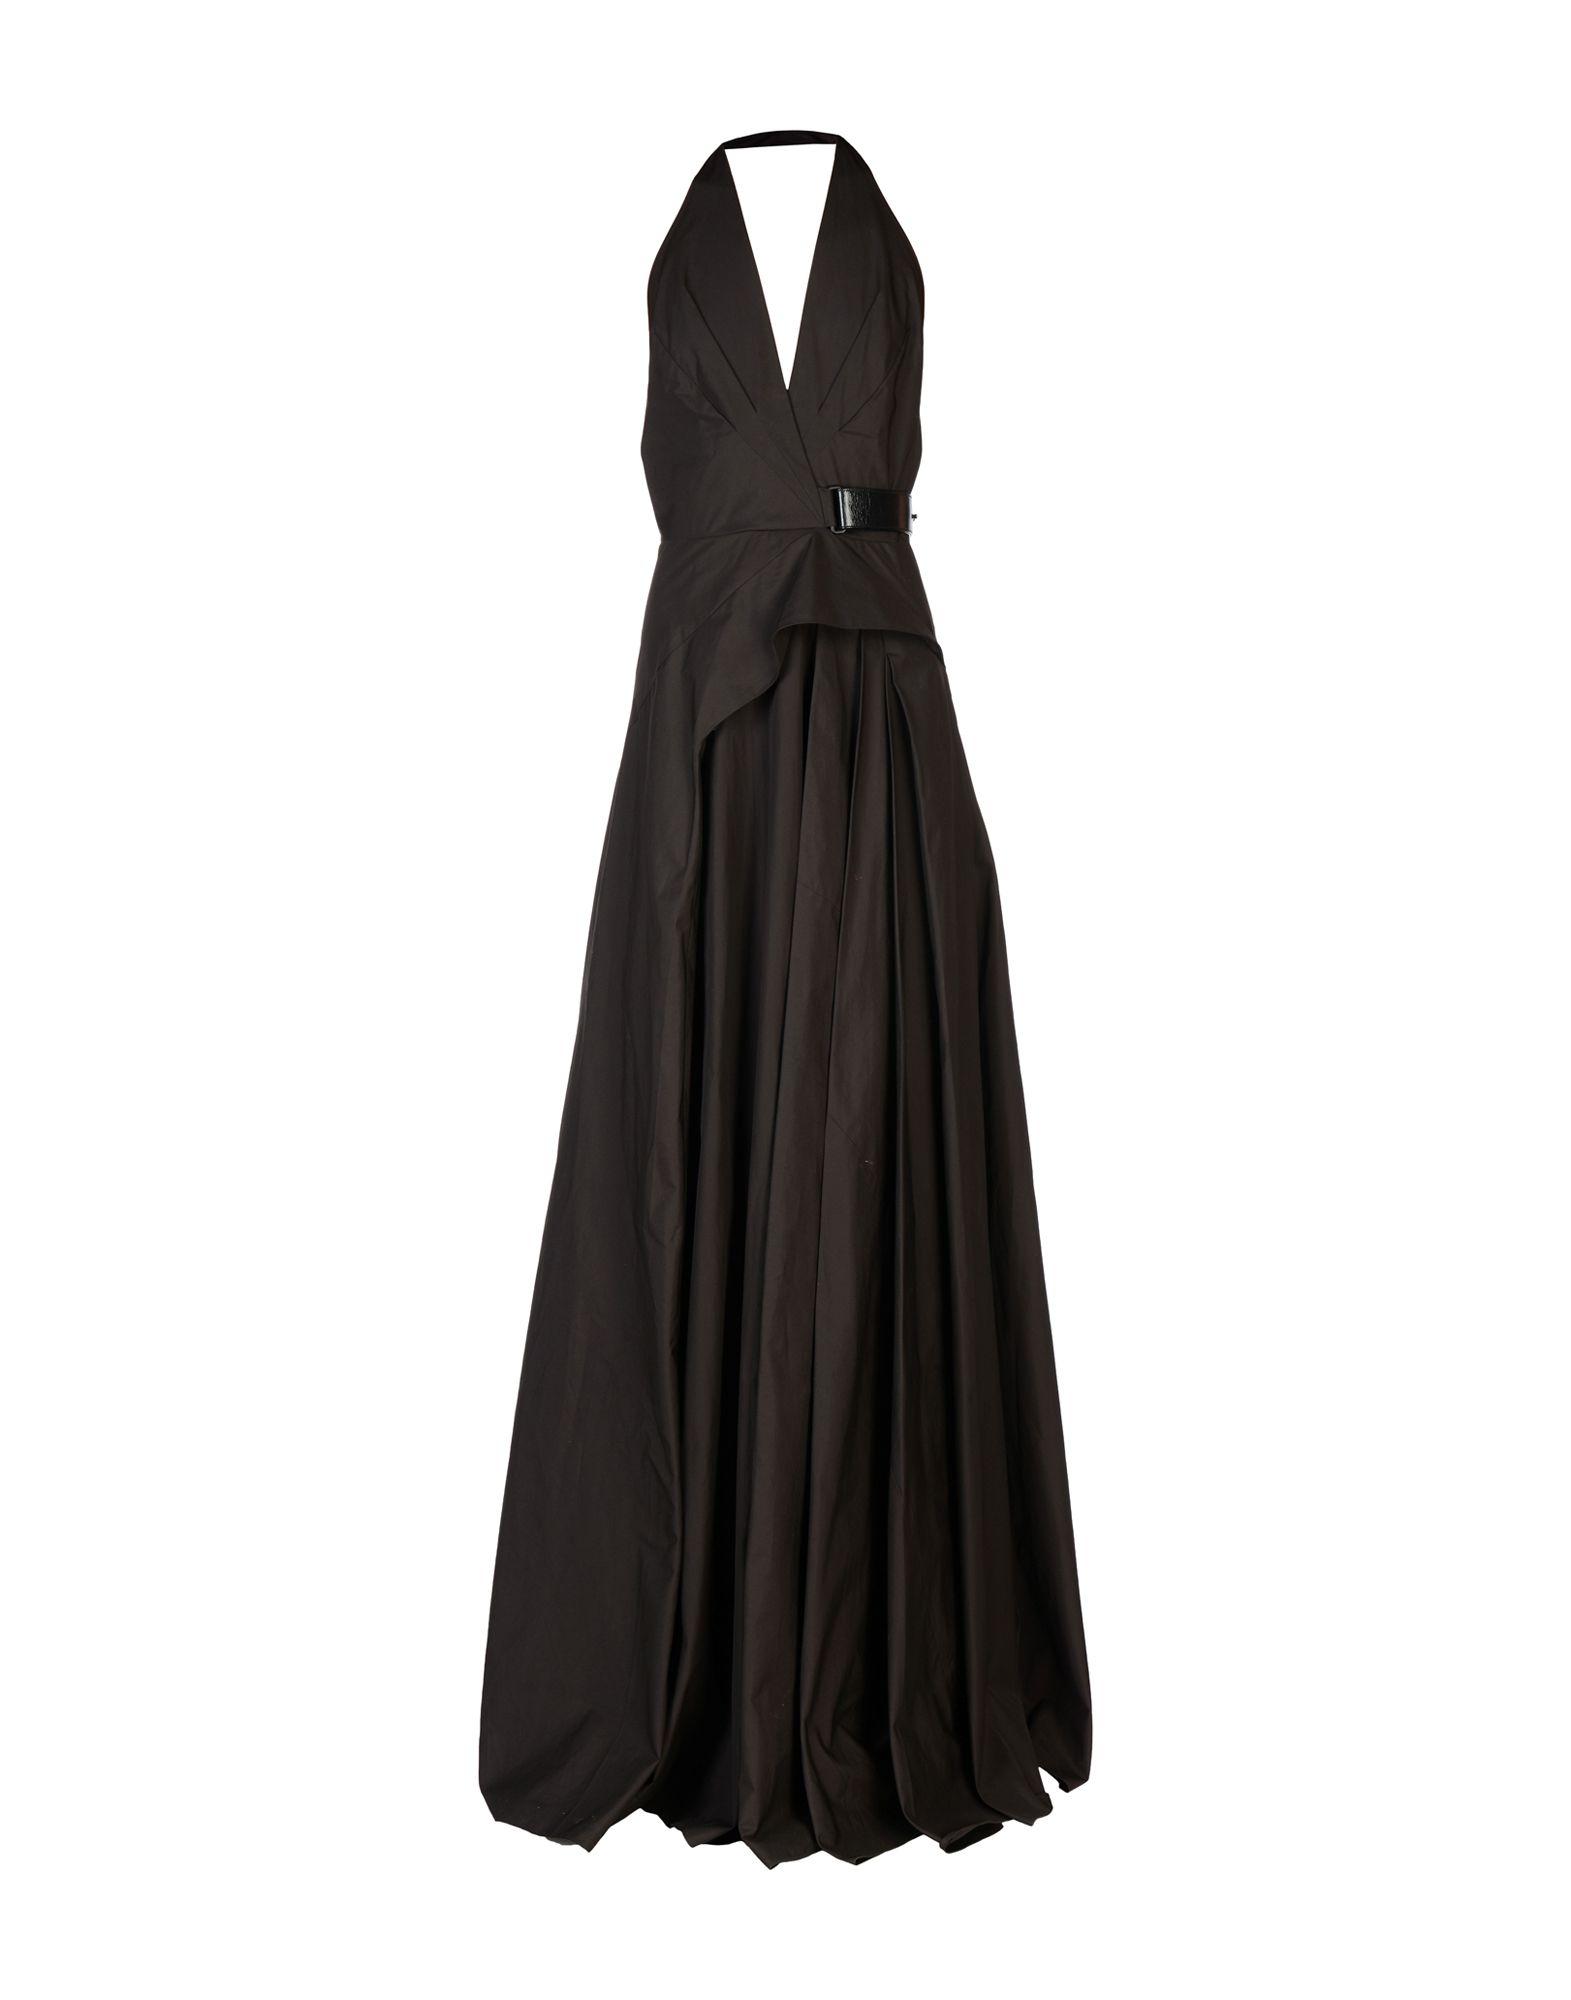 《送料無料》BOTTEGA VENETA レディース ロングワンピース&ドレス ダークブラウン 42 コットン 100%